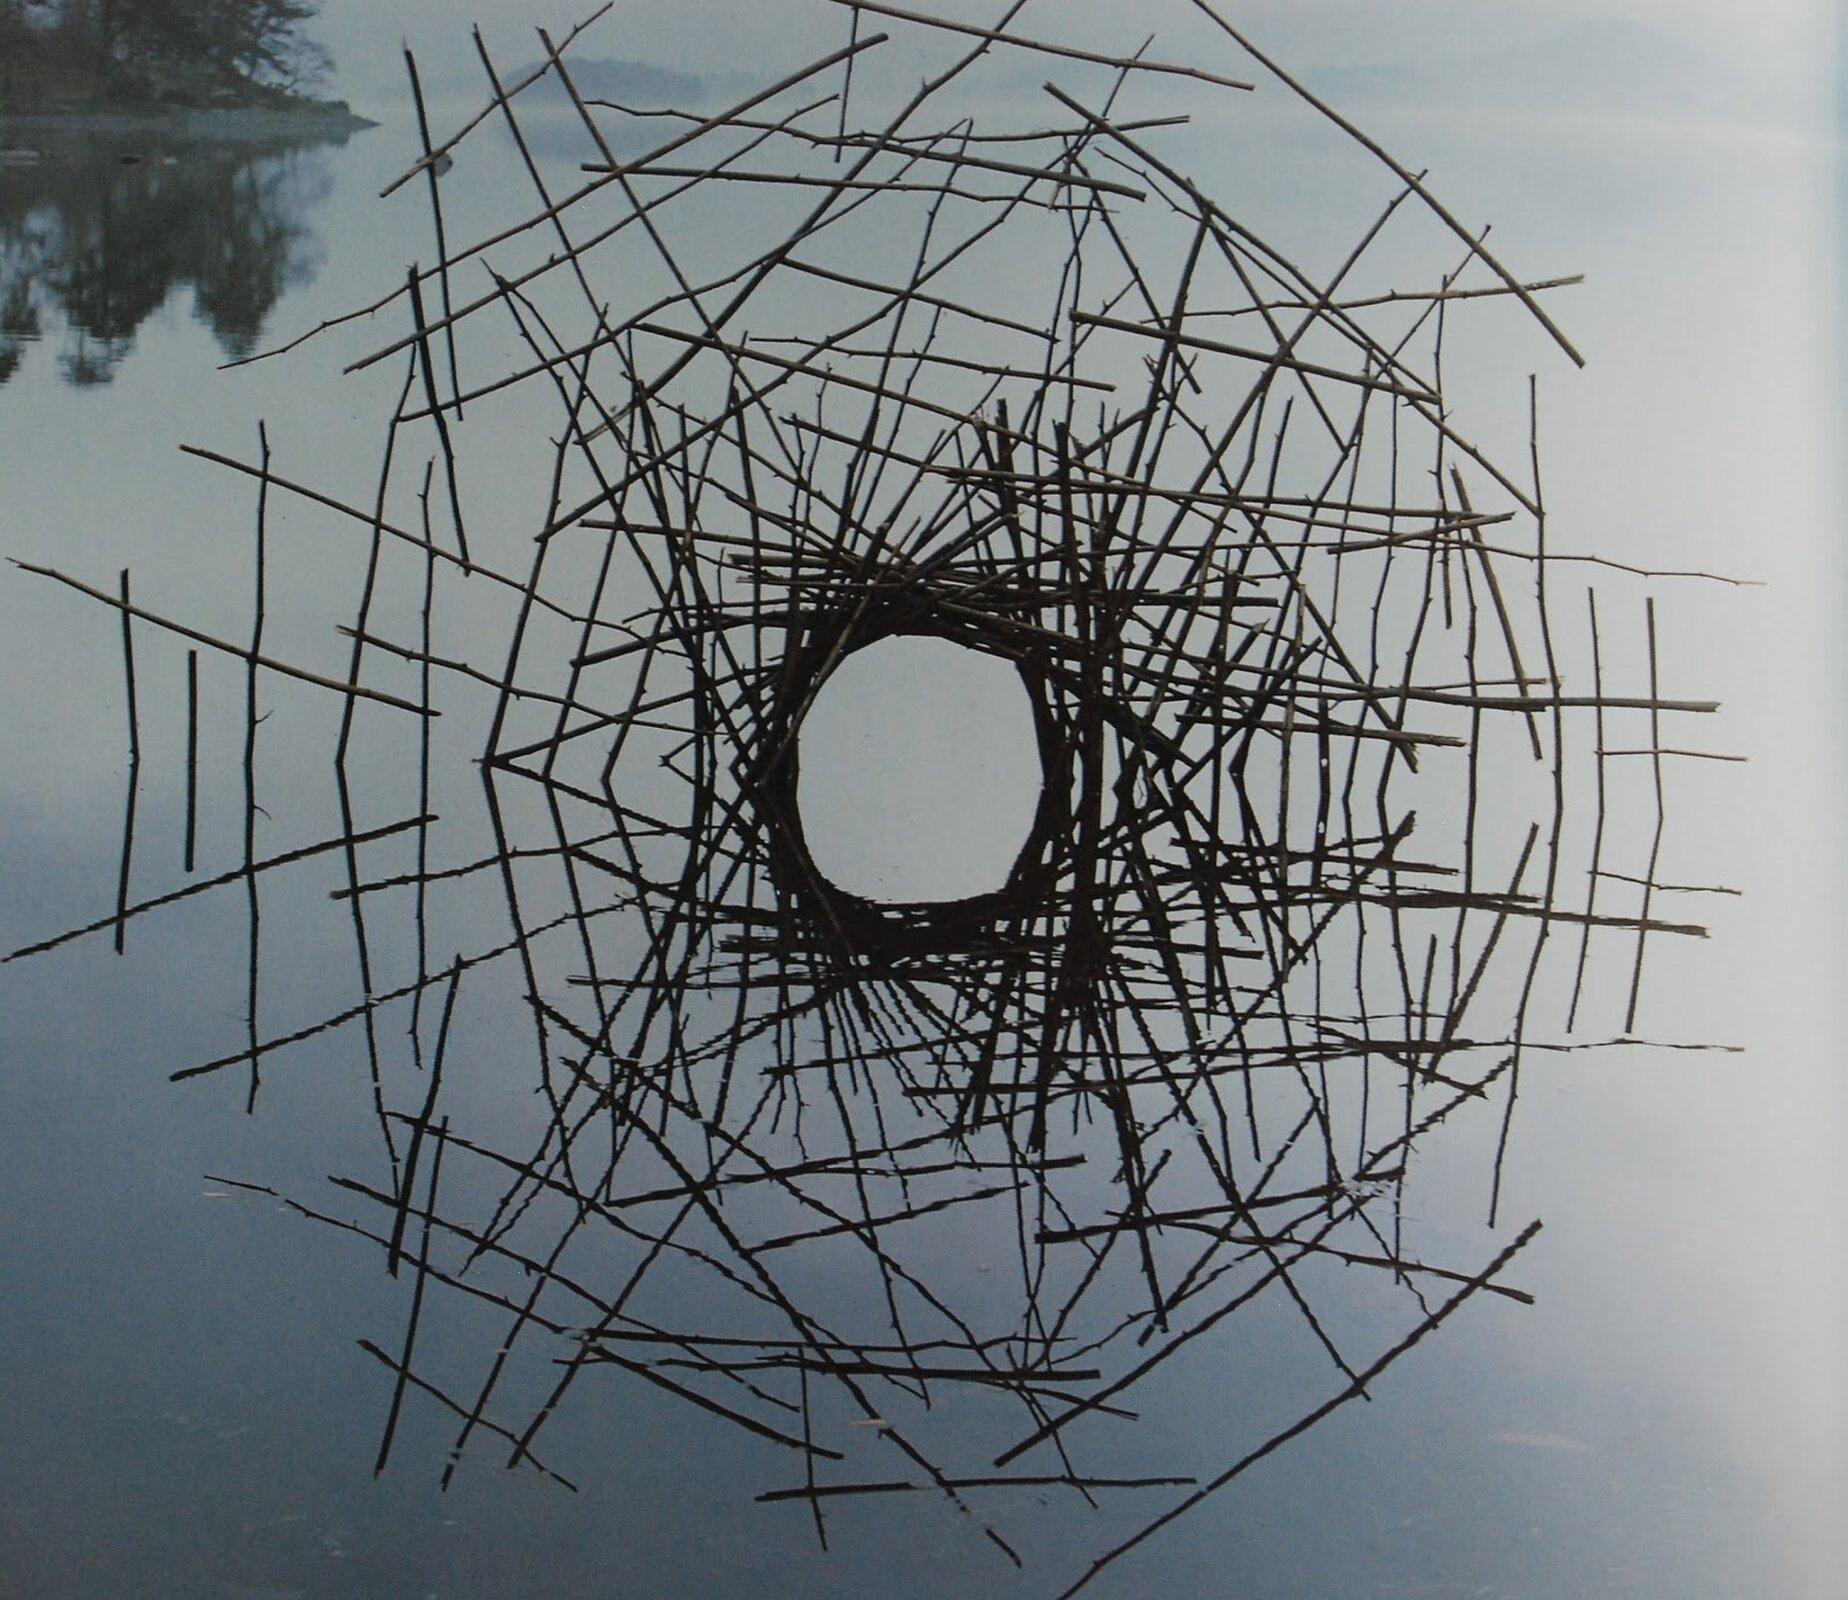 Ilustracja przedstawia budowlę, zpatyków, która znajduje się nad taflą zbiornika wodnego. Ważnym elementem twórczości artysty jest przemijanie. Wiele jego prac ulega zmianie idestrukcji pod wpływem pogody, czasu, krajobrazu. Użyte materiały są nietrwałe lub umieszczone wtakich miejscach, wktórych zostaną zniszczone przez działanie przyrody.